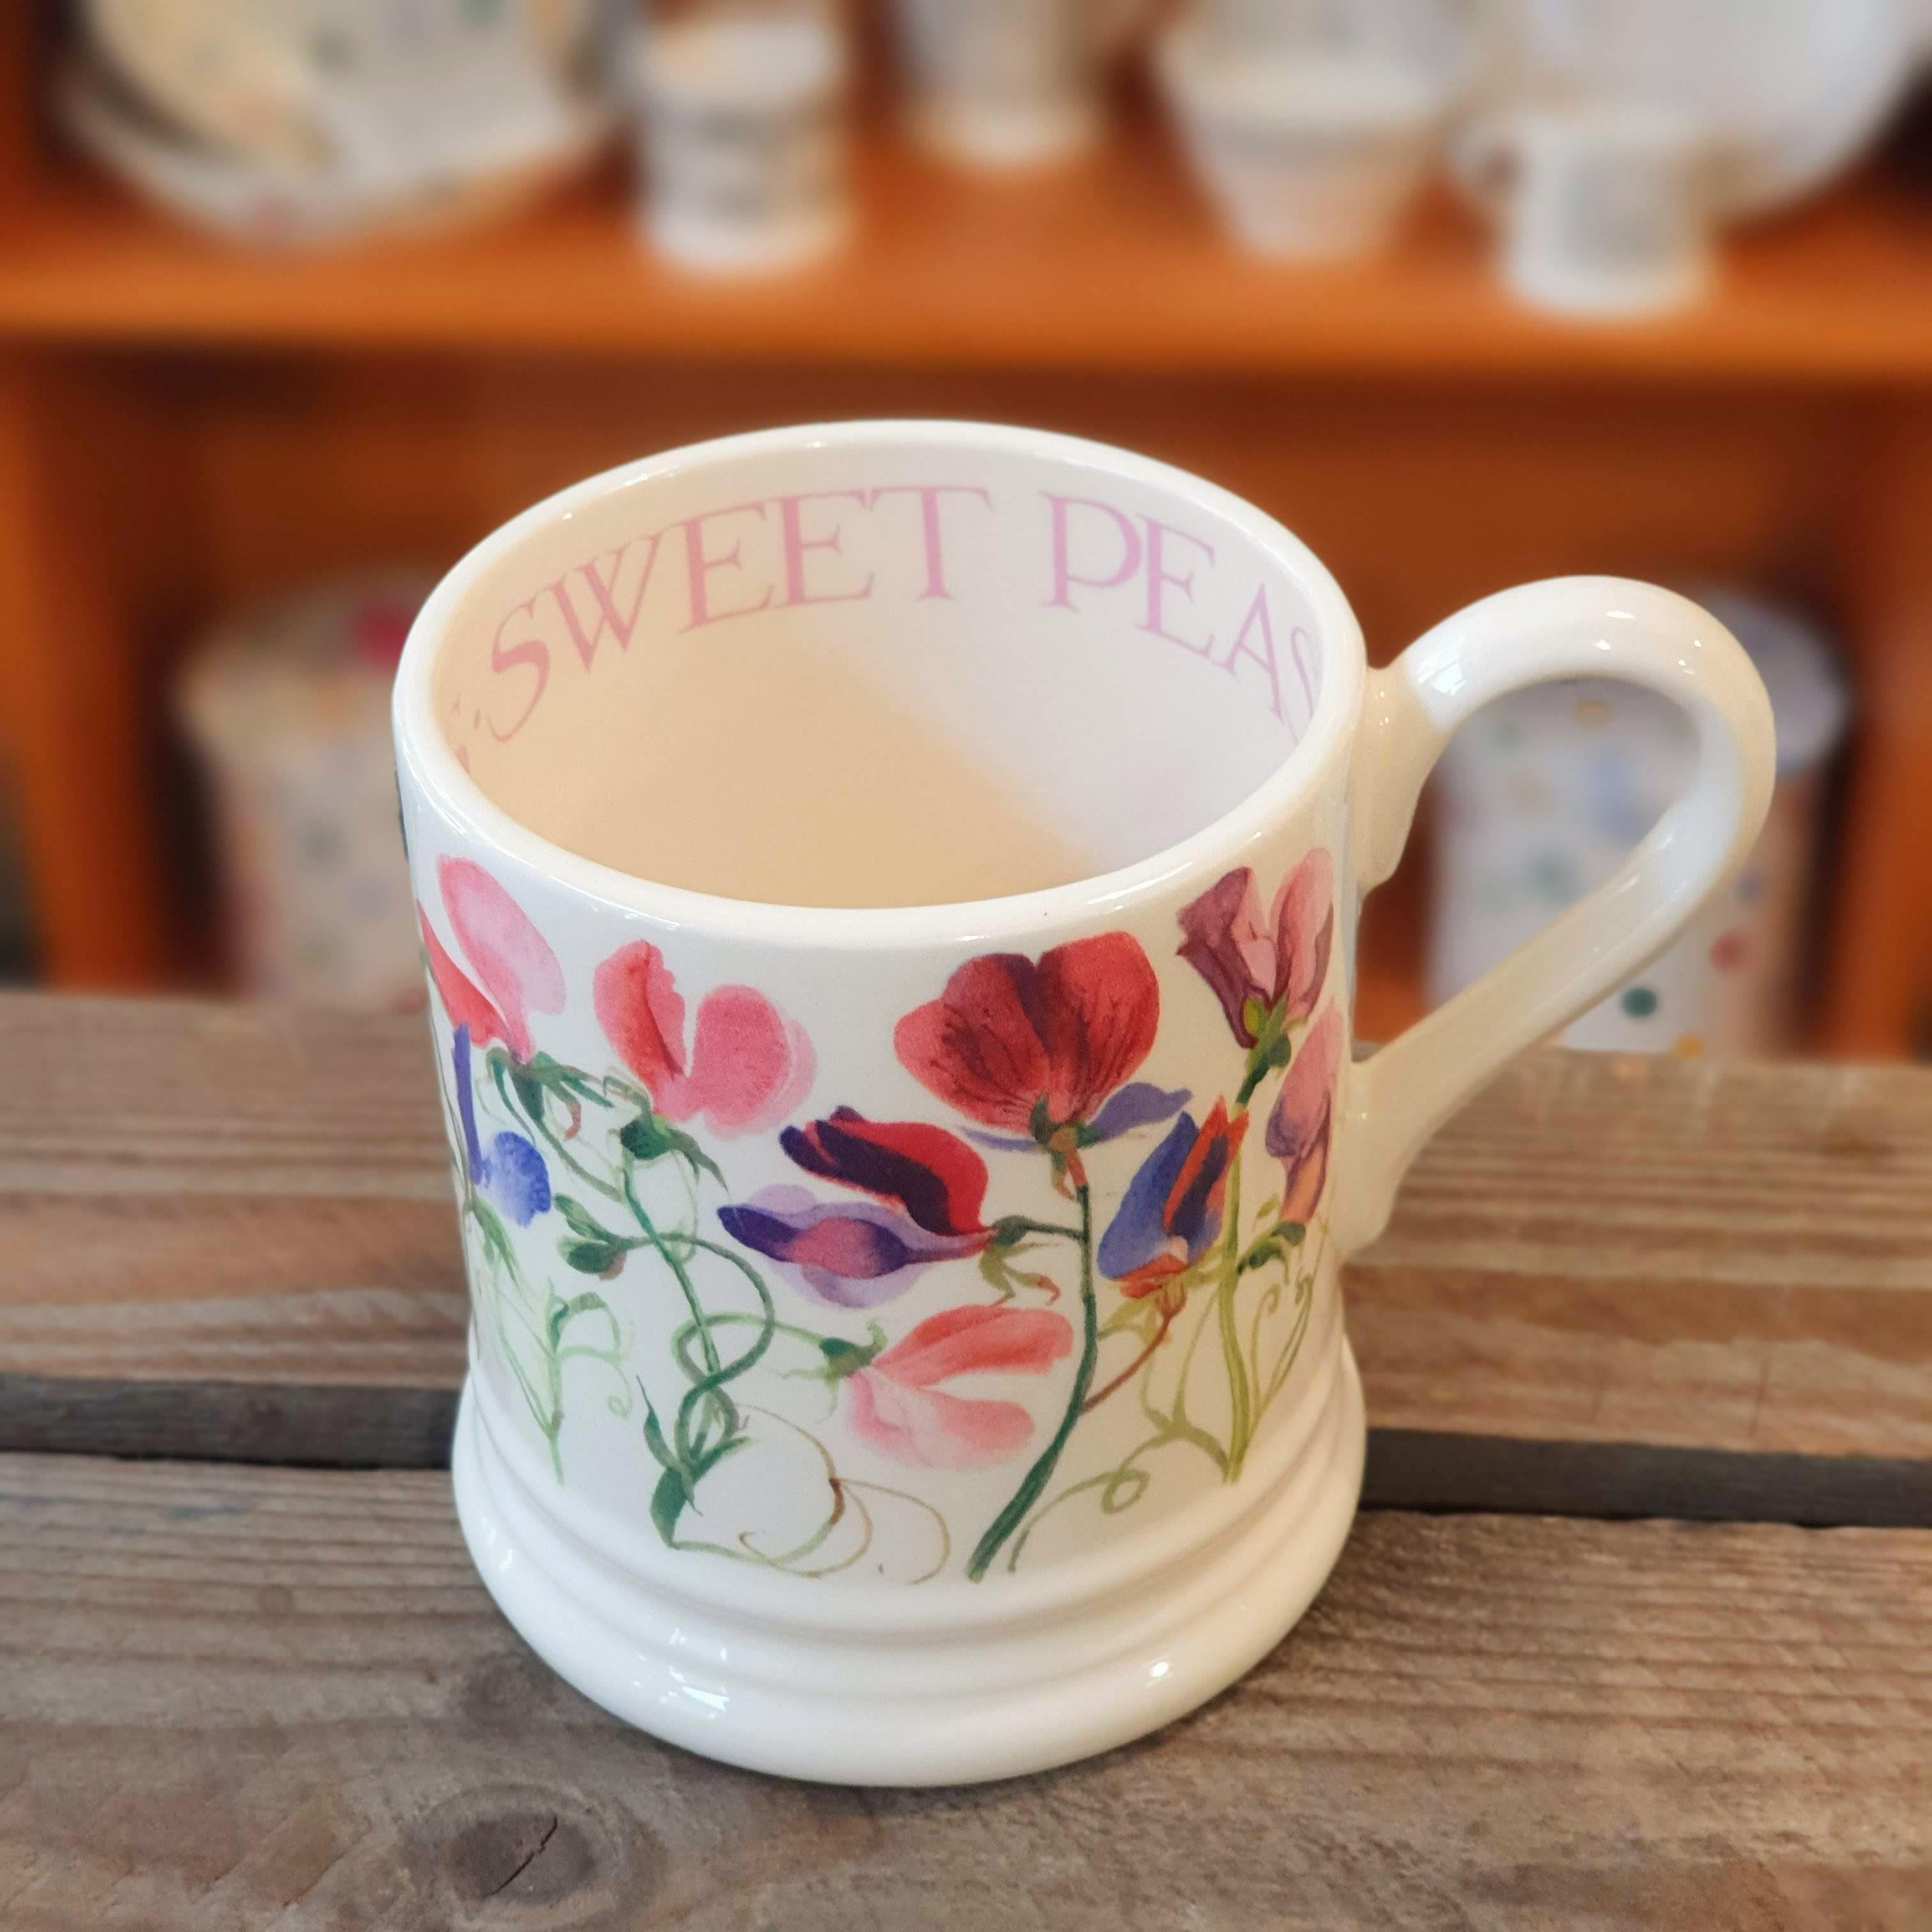 emma bridgewater sweet peas mug